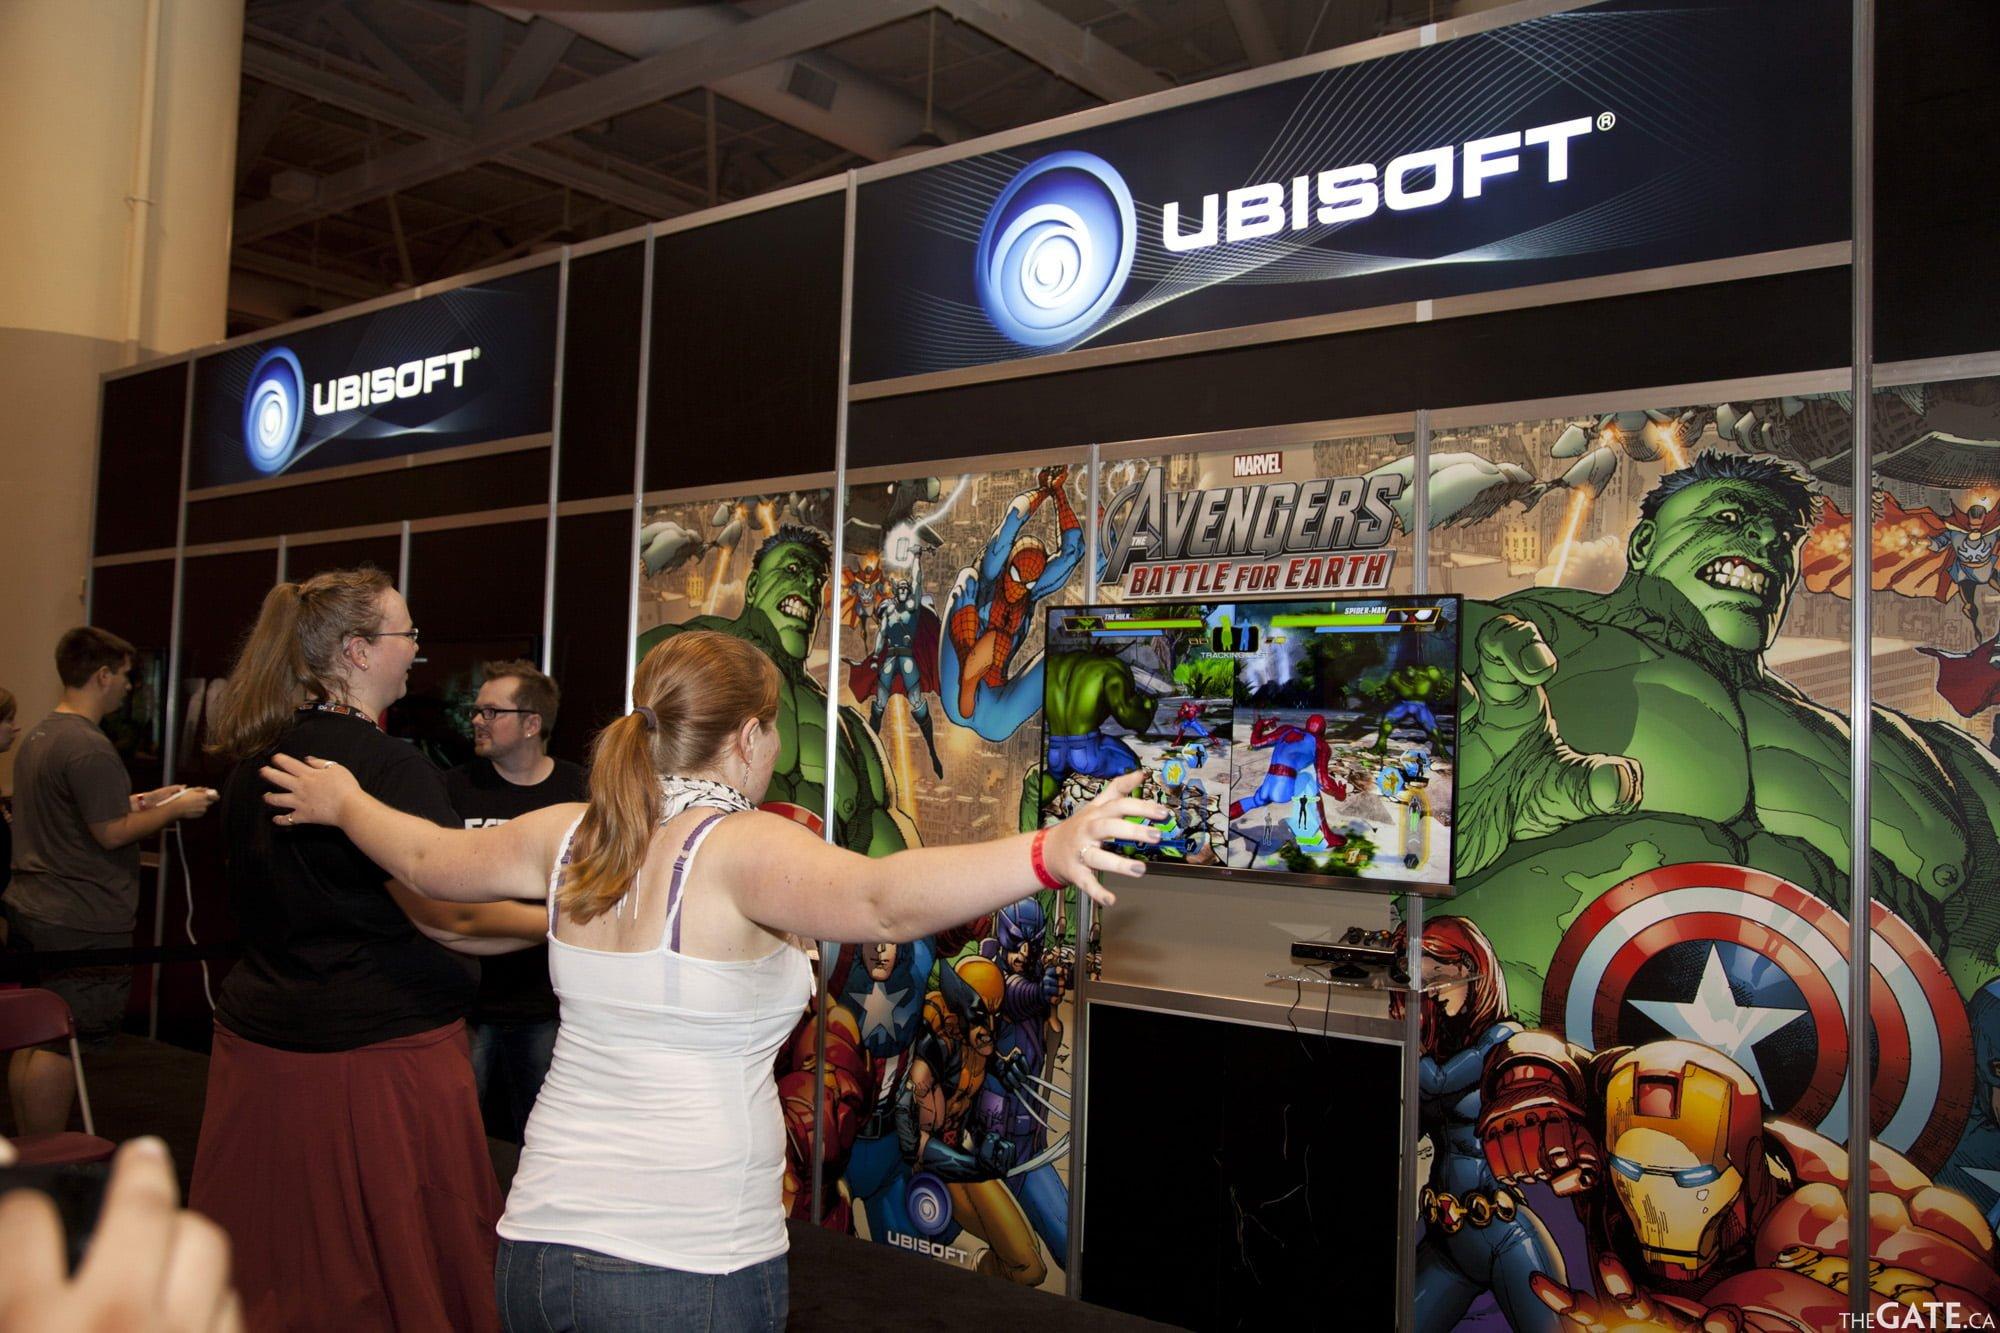 Ubisoft's Avenger's Battle For Earth